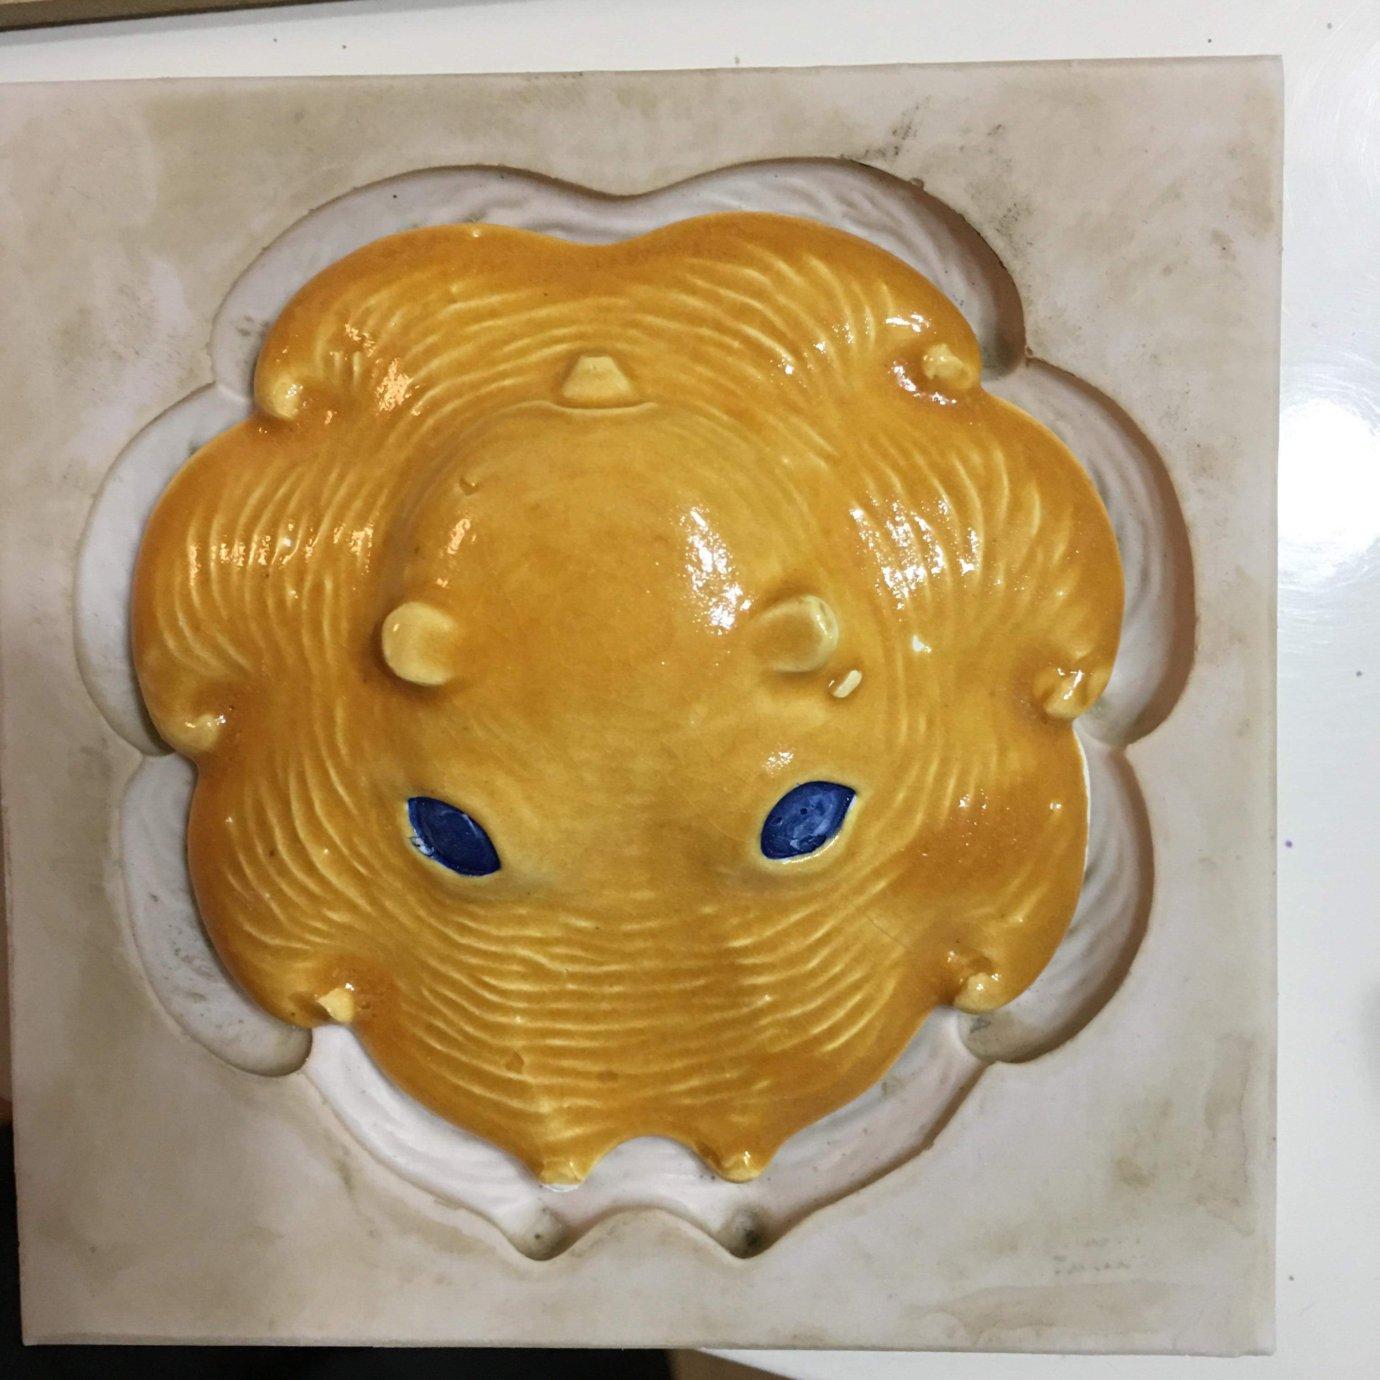 陶器製カップメンダコ(橙)収縮率